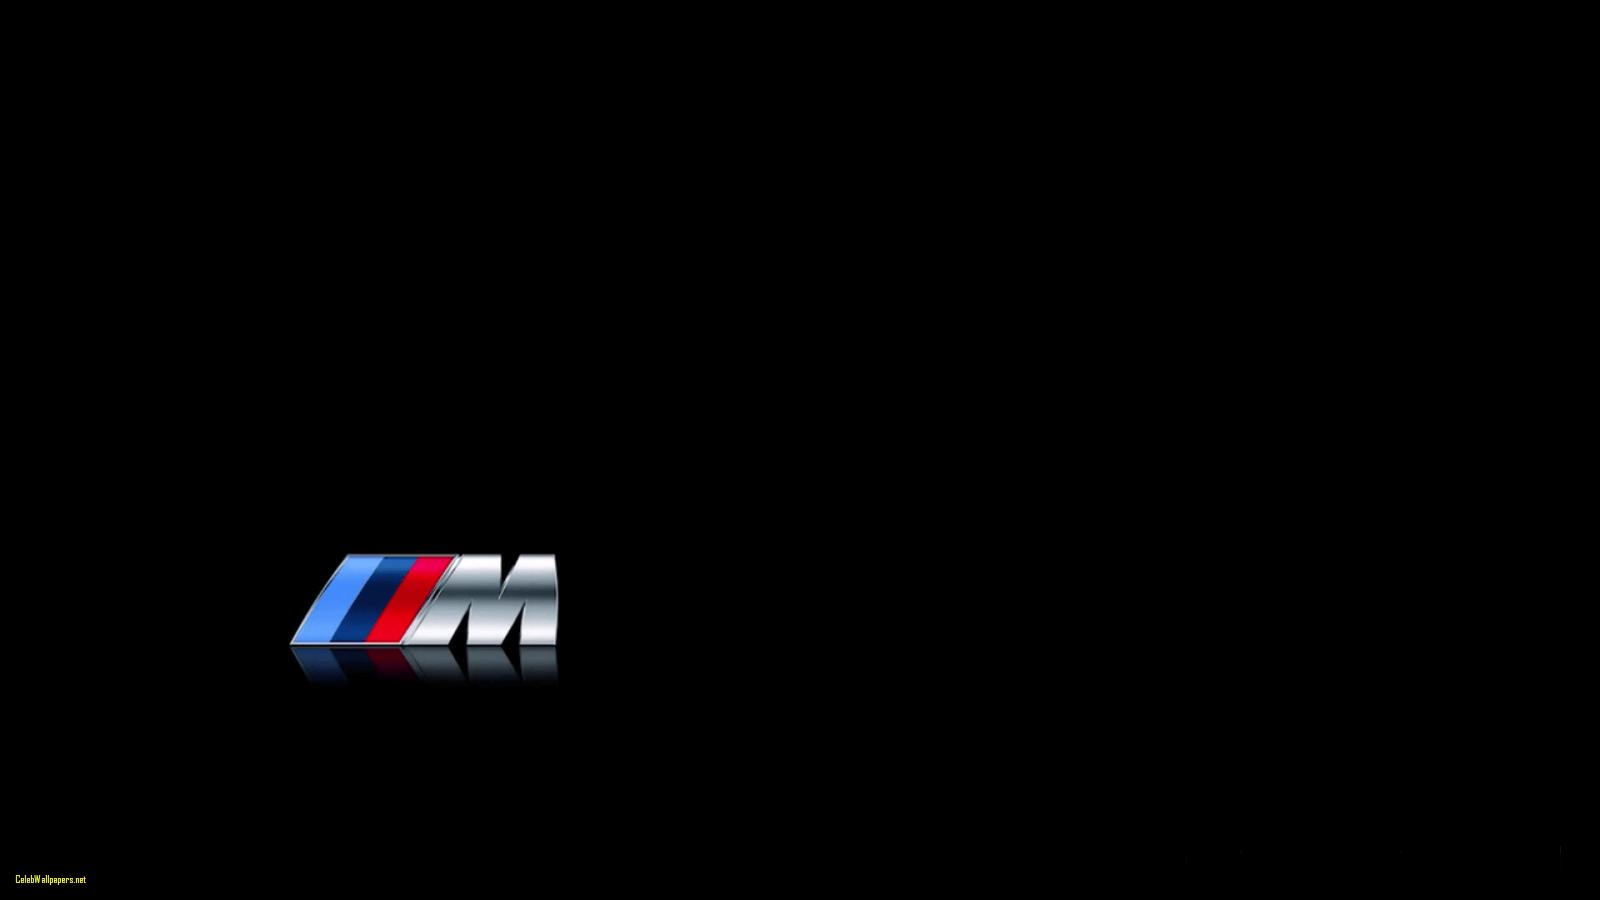 Bmw Logo Wallpaper Bmw Logo Black Background Sports Car Wallpaper .